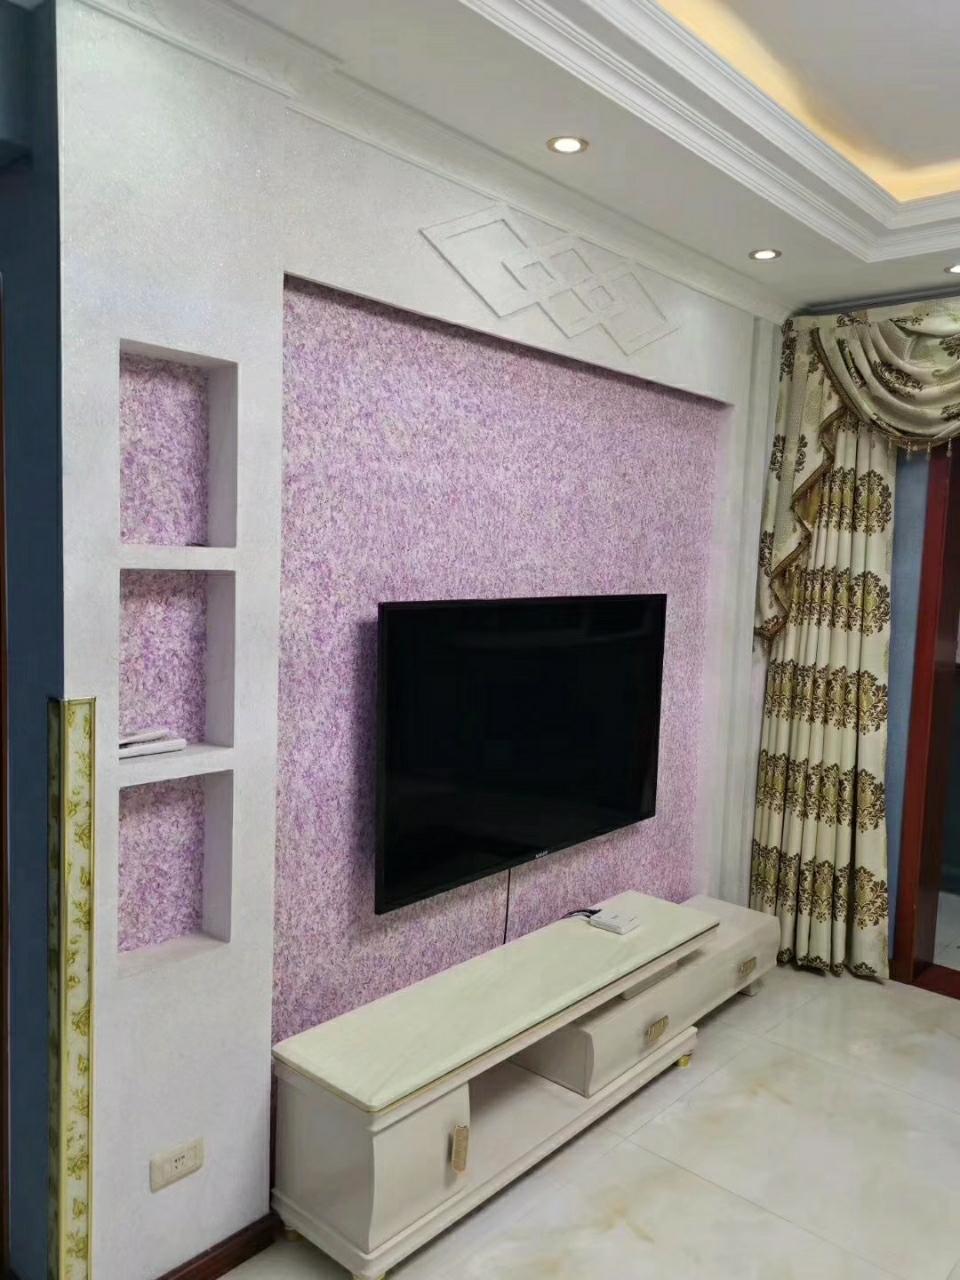 龙湾景城 精装3室 2厅 2卫 急售52万元